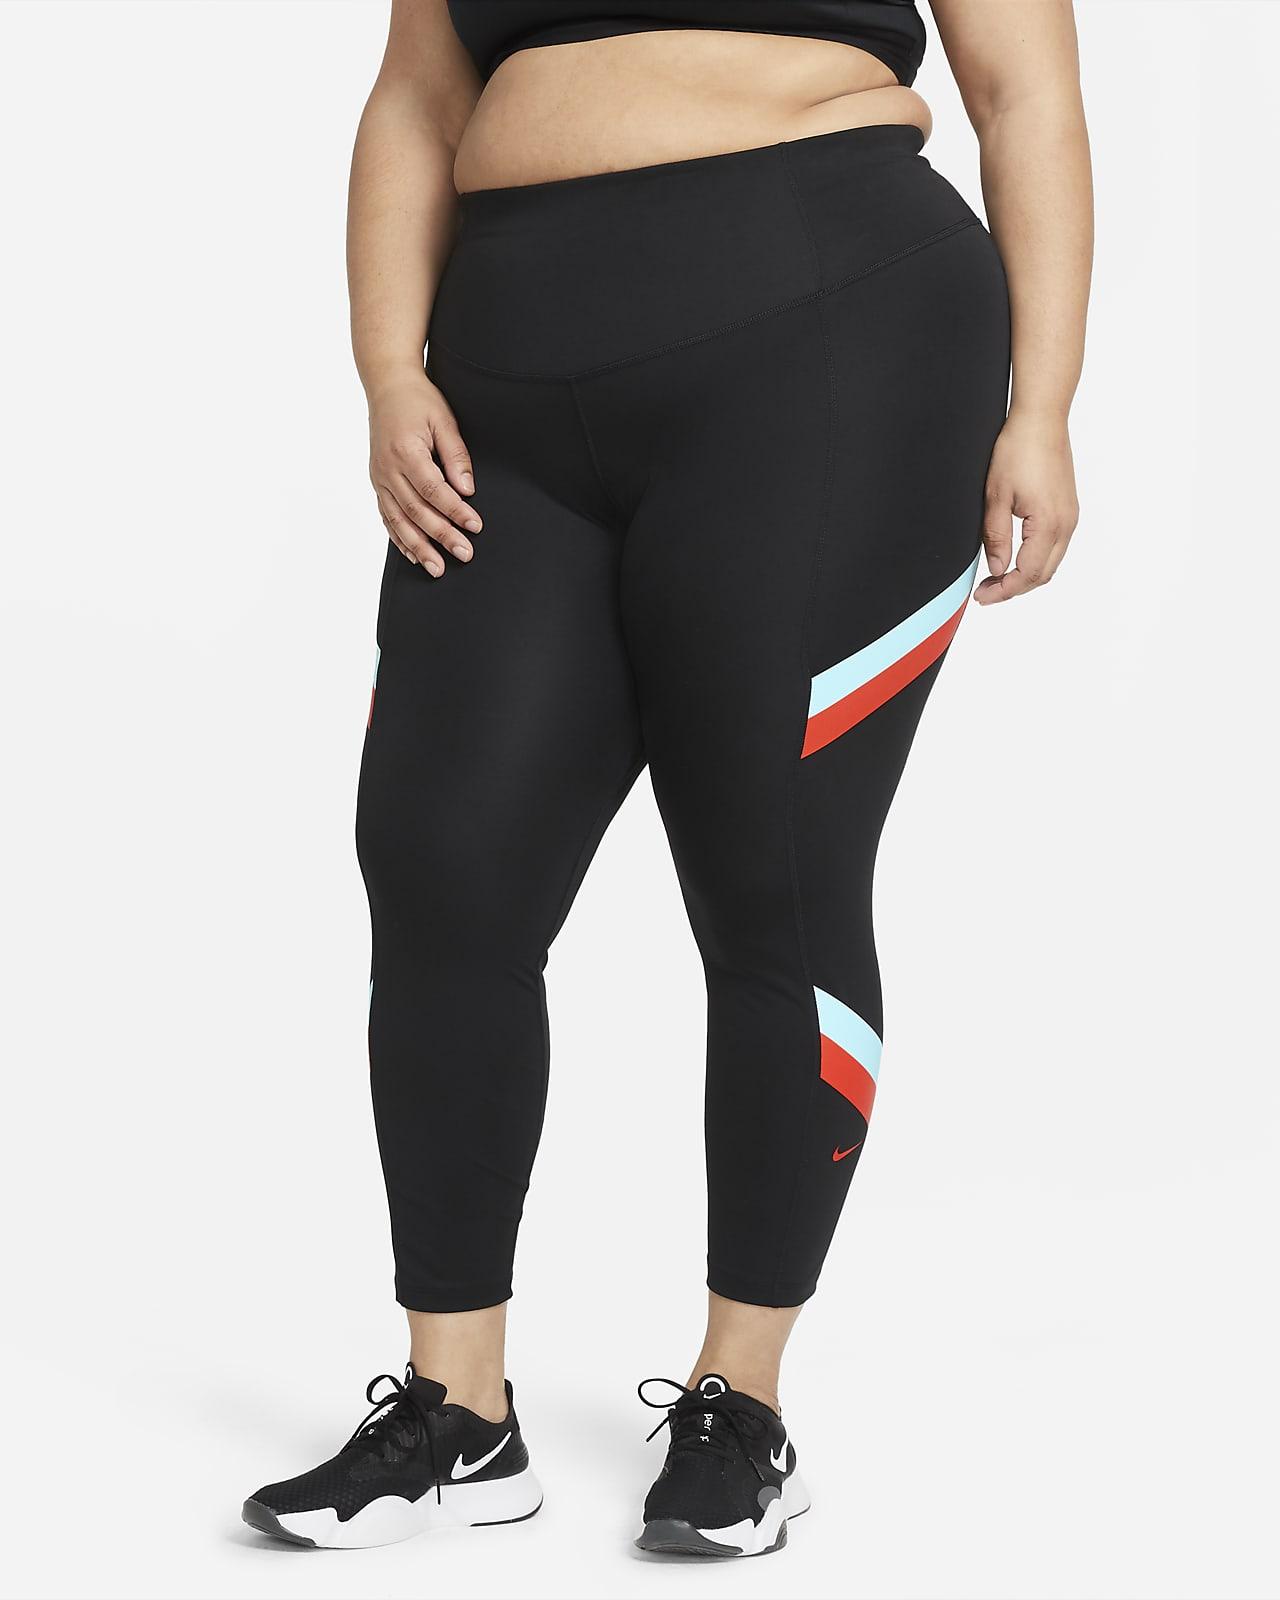 Legging 7/8 taille mi-haute à bandes color-block Nike One pour Femme (grande taille)